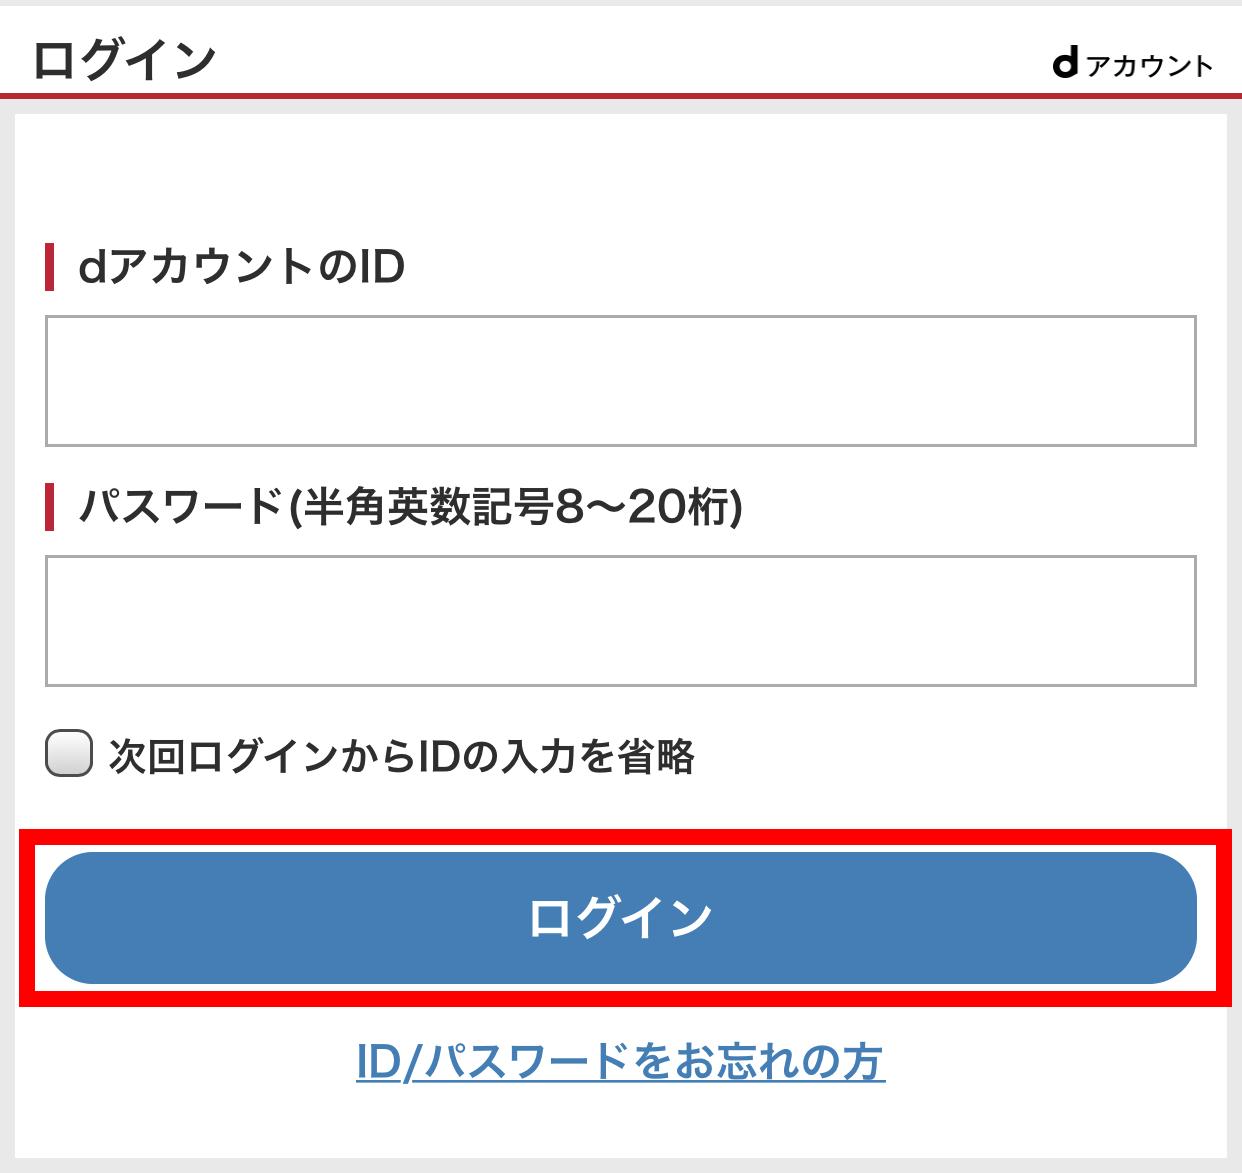 dアカウントIDとパスワードを入力